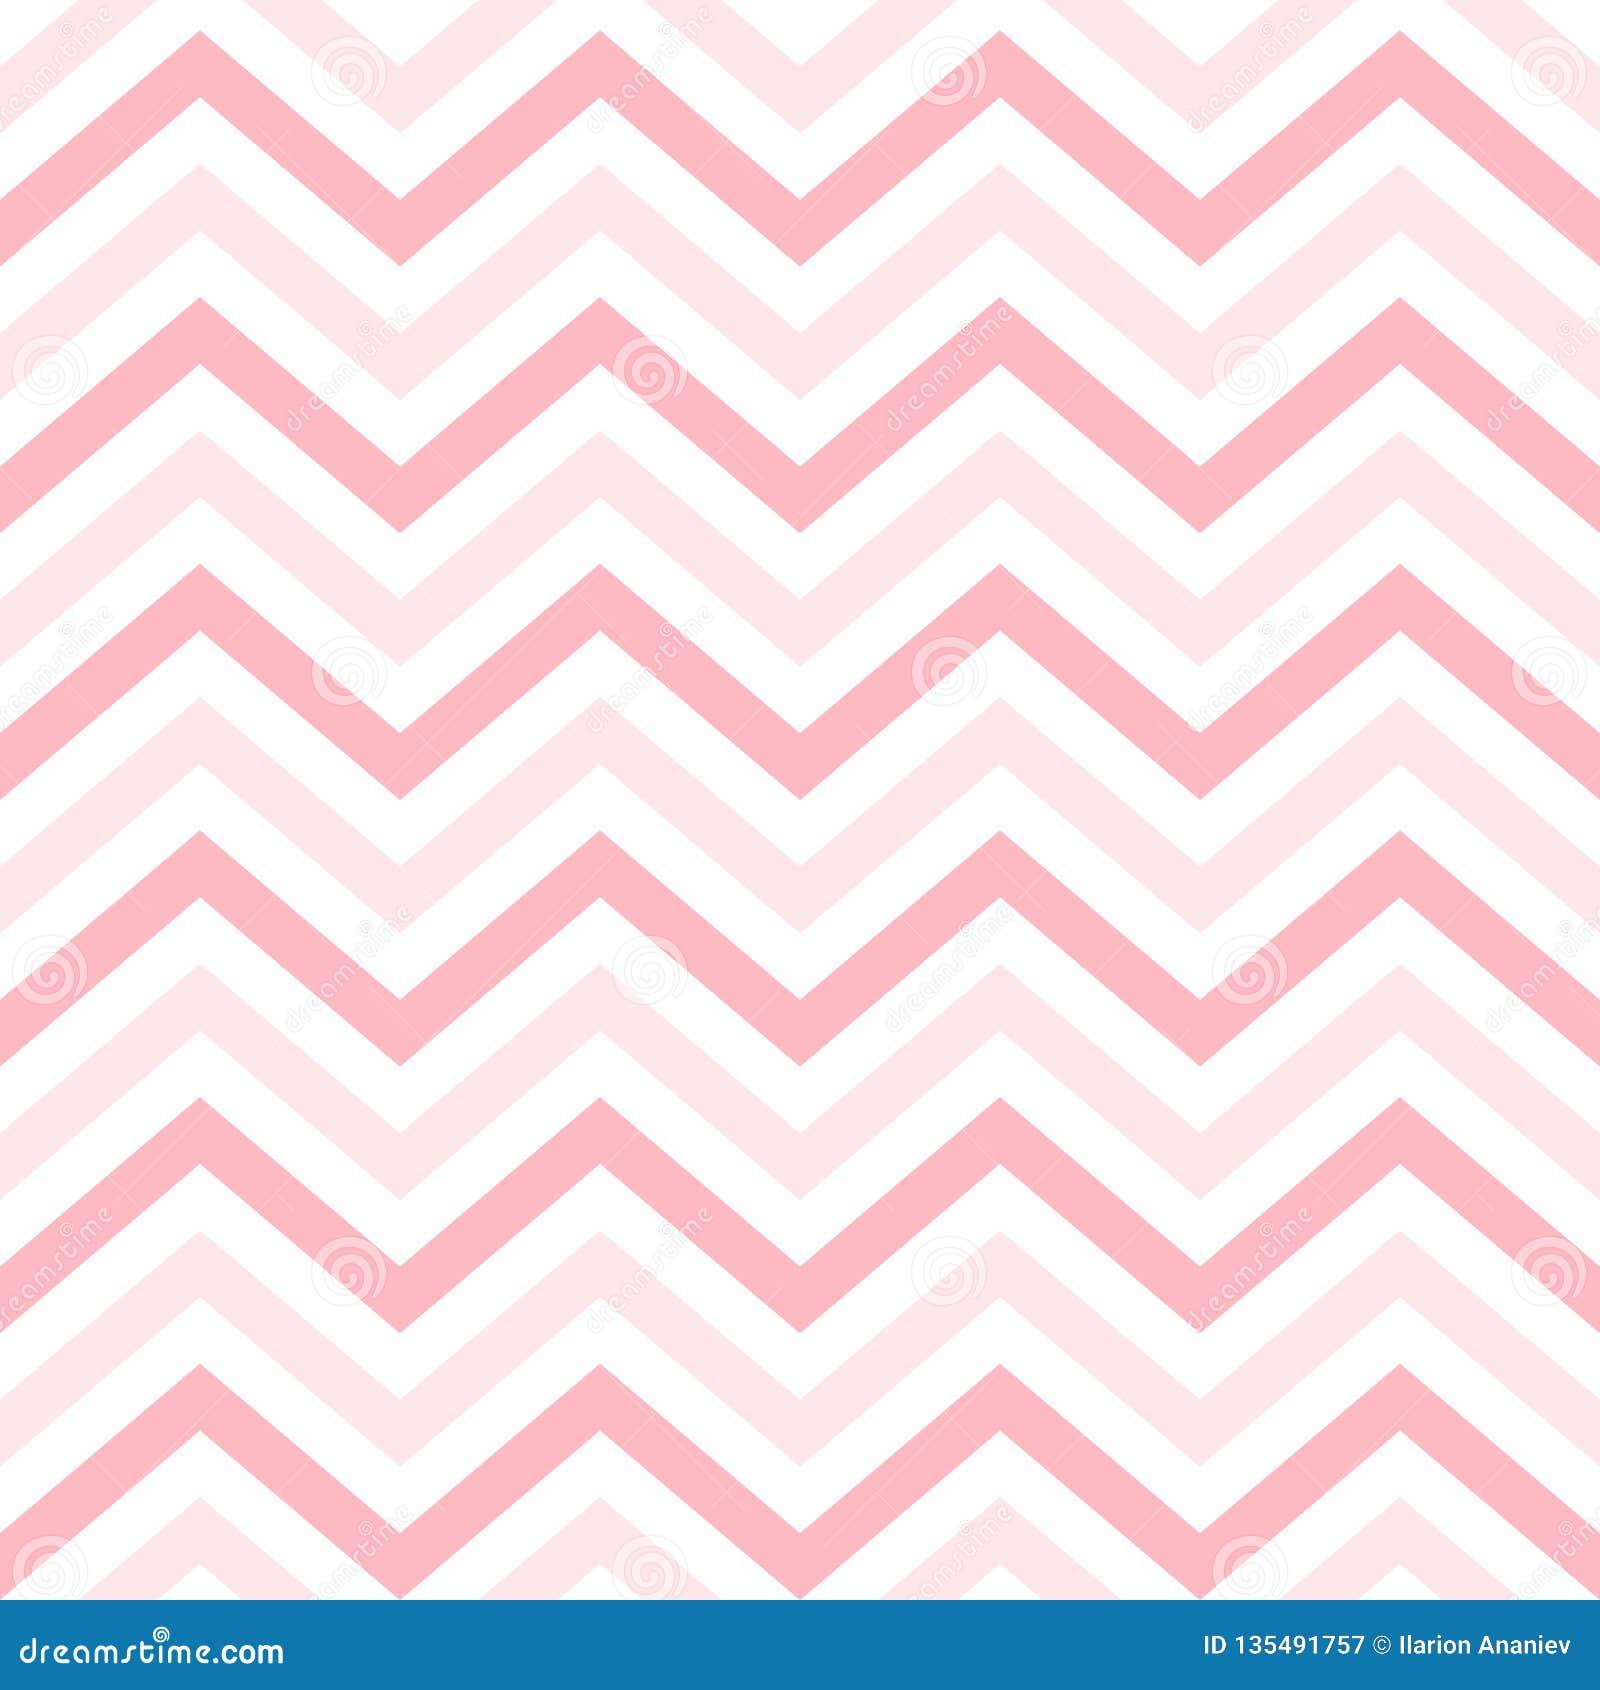 Fundo de Valentine Day Pink Geometric Seamless, teste padrão, textura para bater o papel, cartões, convite, baners